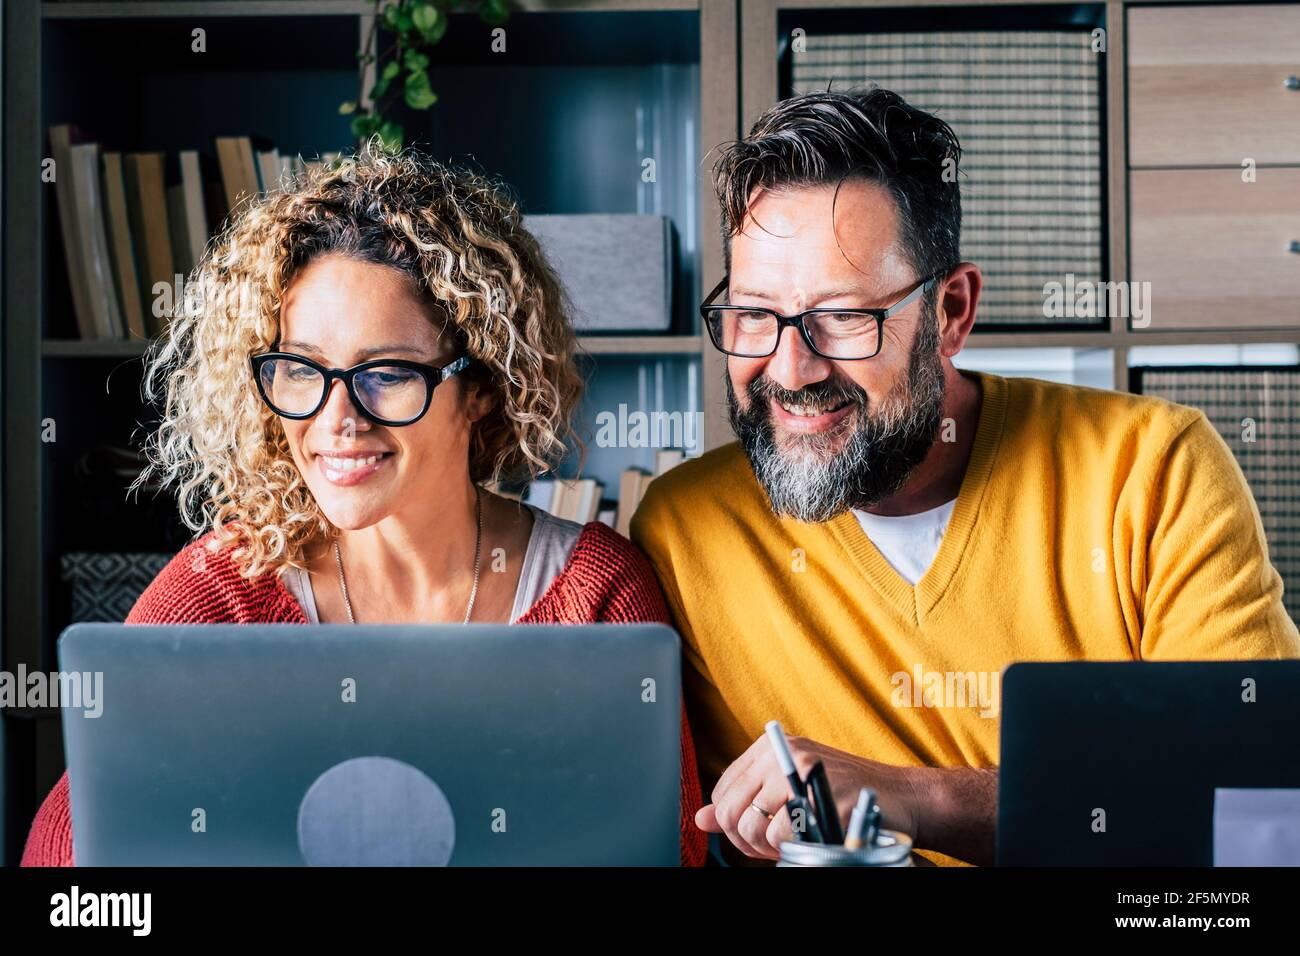 Un homme heureux et un couple de femmes travaillent à la maison dans l'intelligence travail au bureau avec joie - numérique moderne adulte les gens dans internet en ligne activité d'emploi Banque D'Images